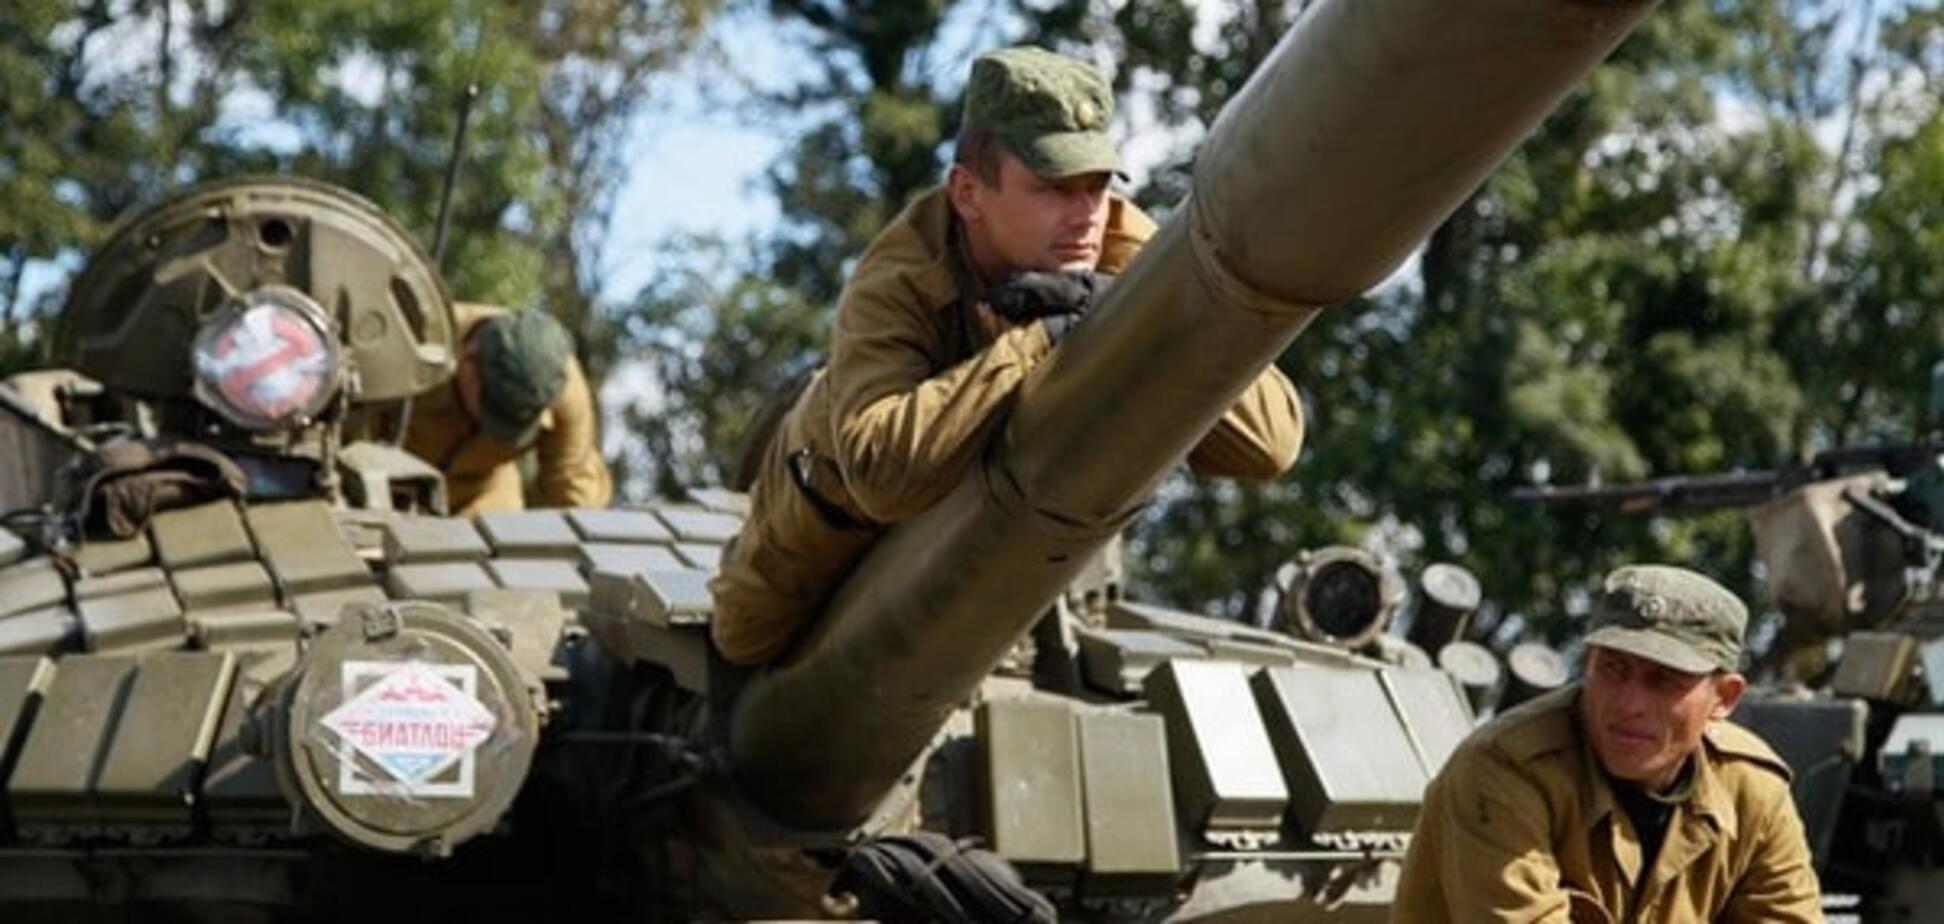 Провокації зійшли нанівець: у штабі АТО заявили про деескалації на Донбасі